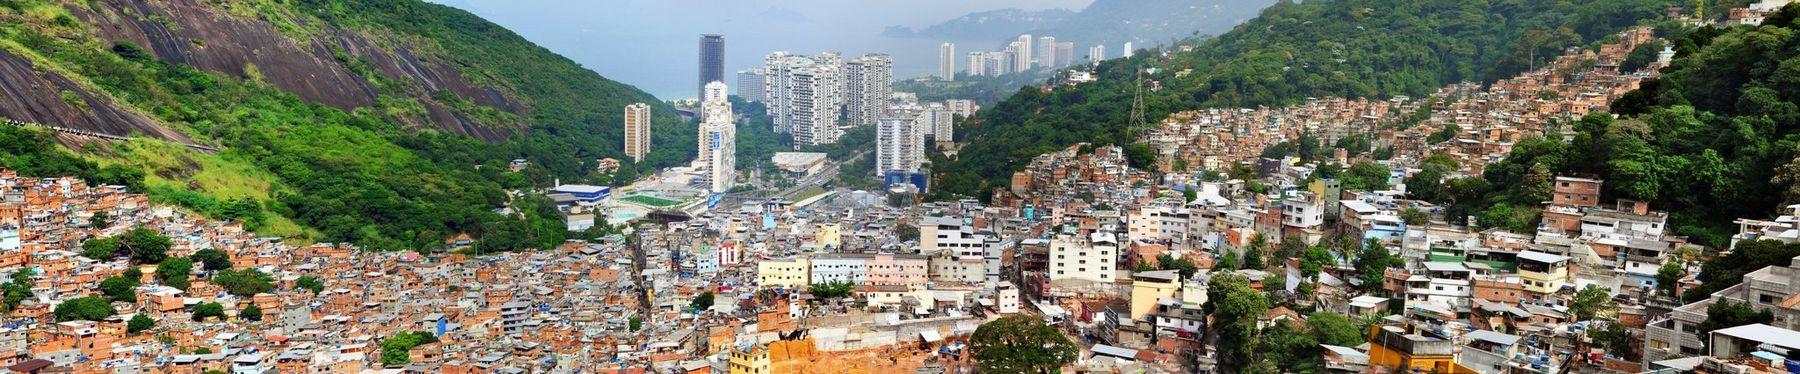 Panorama da favela da Rocinha.